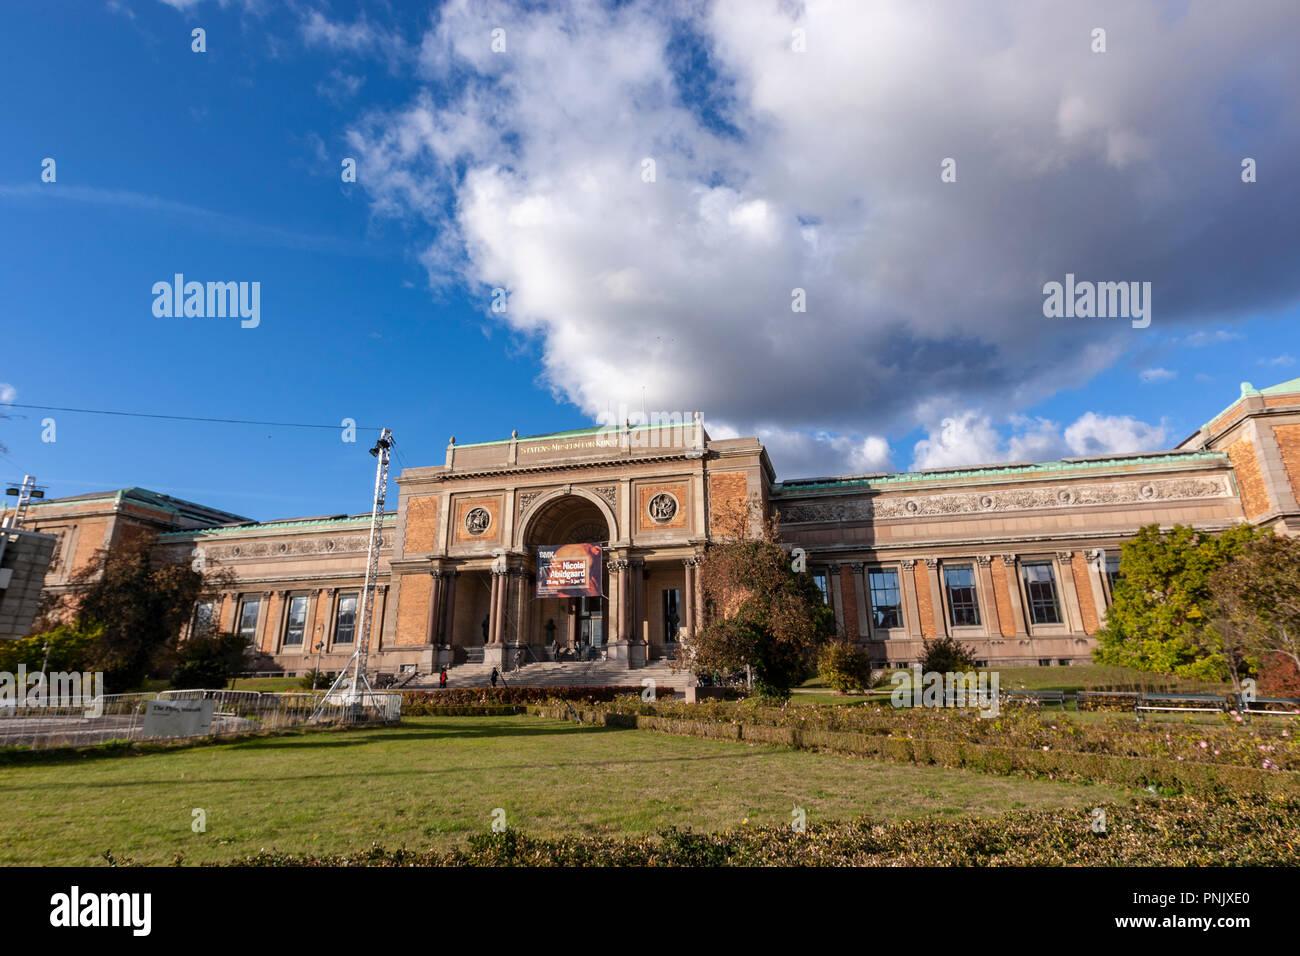 Fachada de la SMK - Statens Museum for Kunst, La Galería Nacional de Dinamarca, Copenhague, Dinamarca Foto de stock